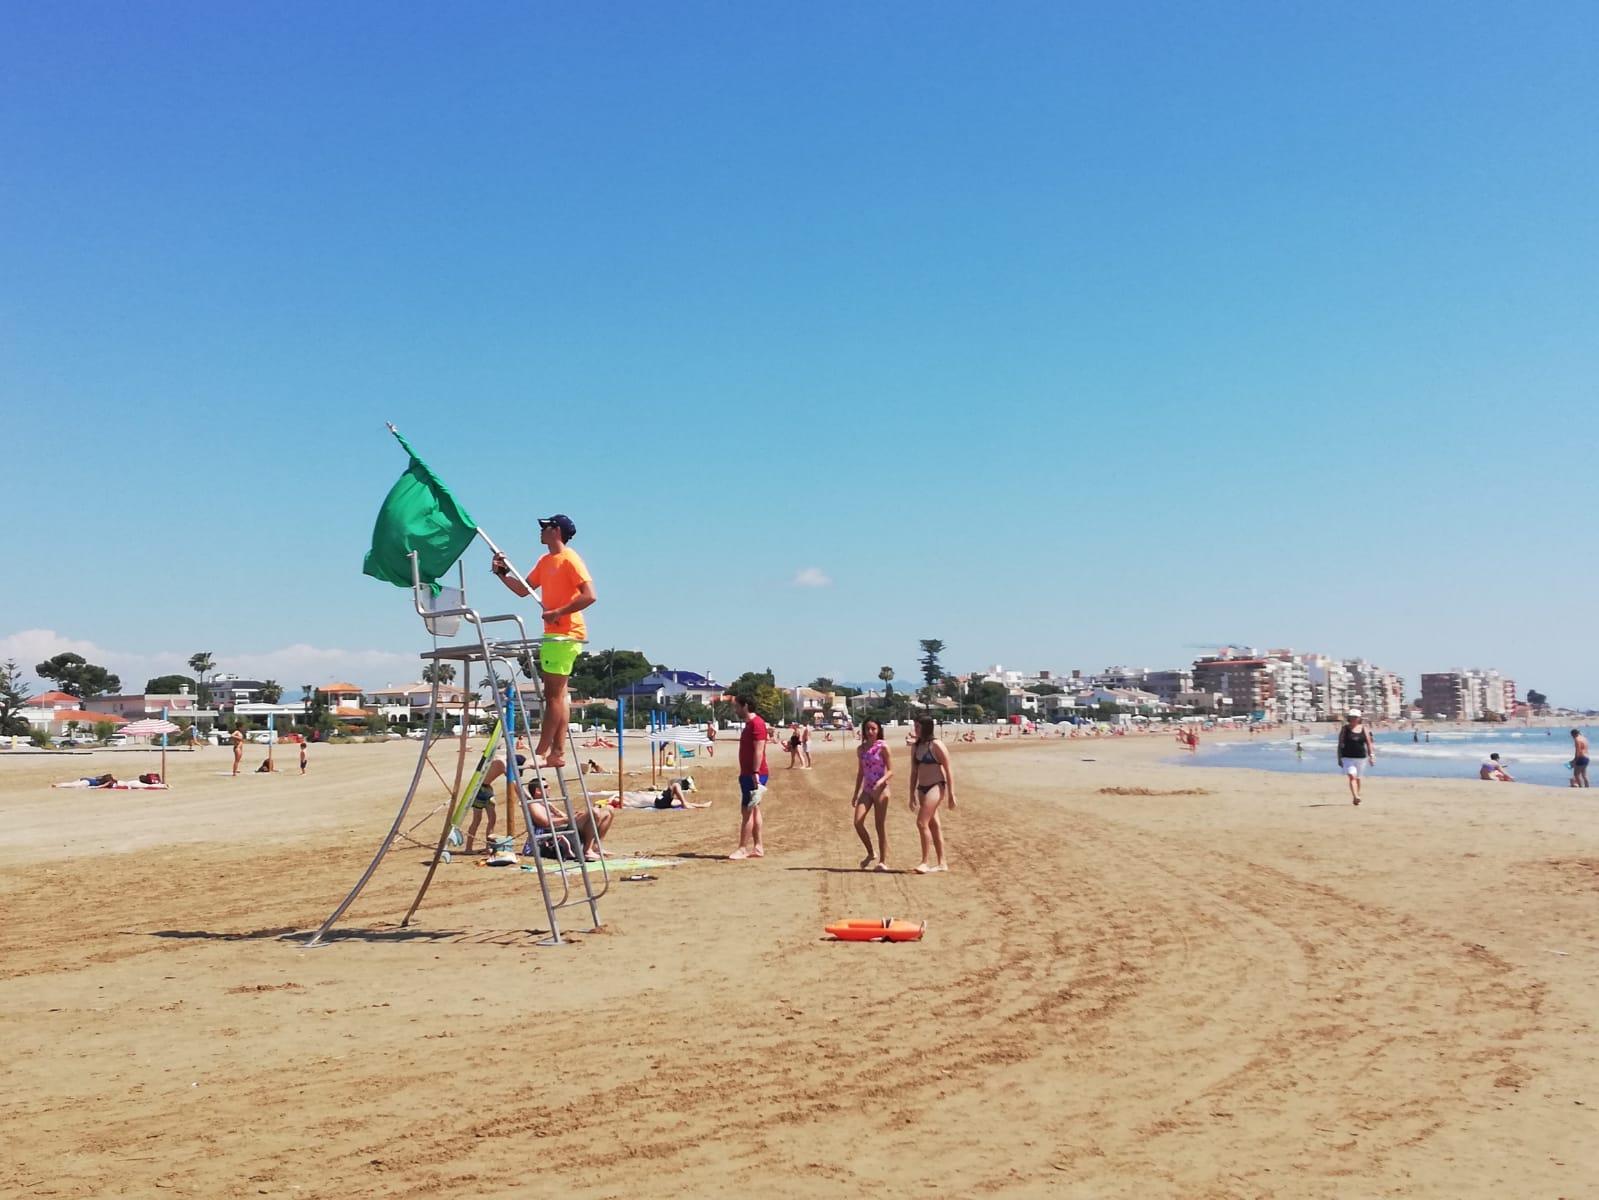 Burriana abre sus playas al baño adaptadas a las nuevas exigencias derivadas de la pandemia